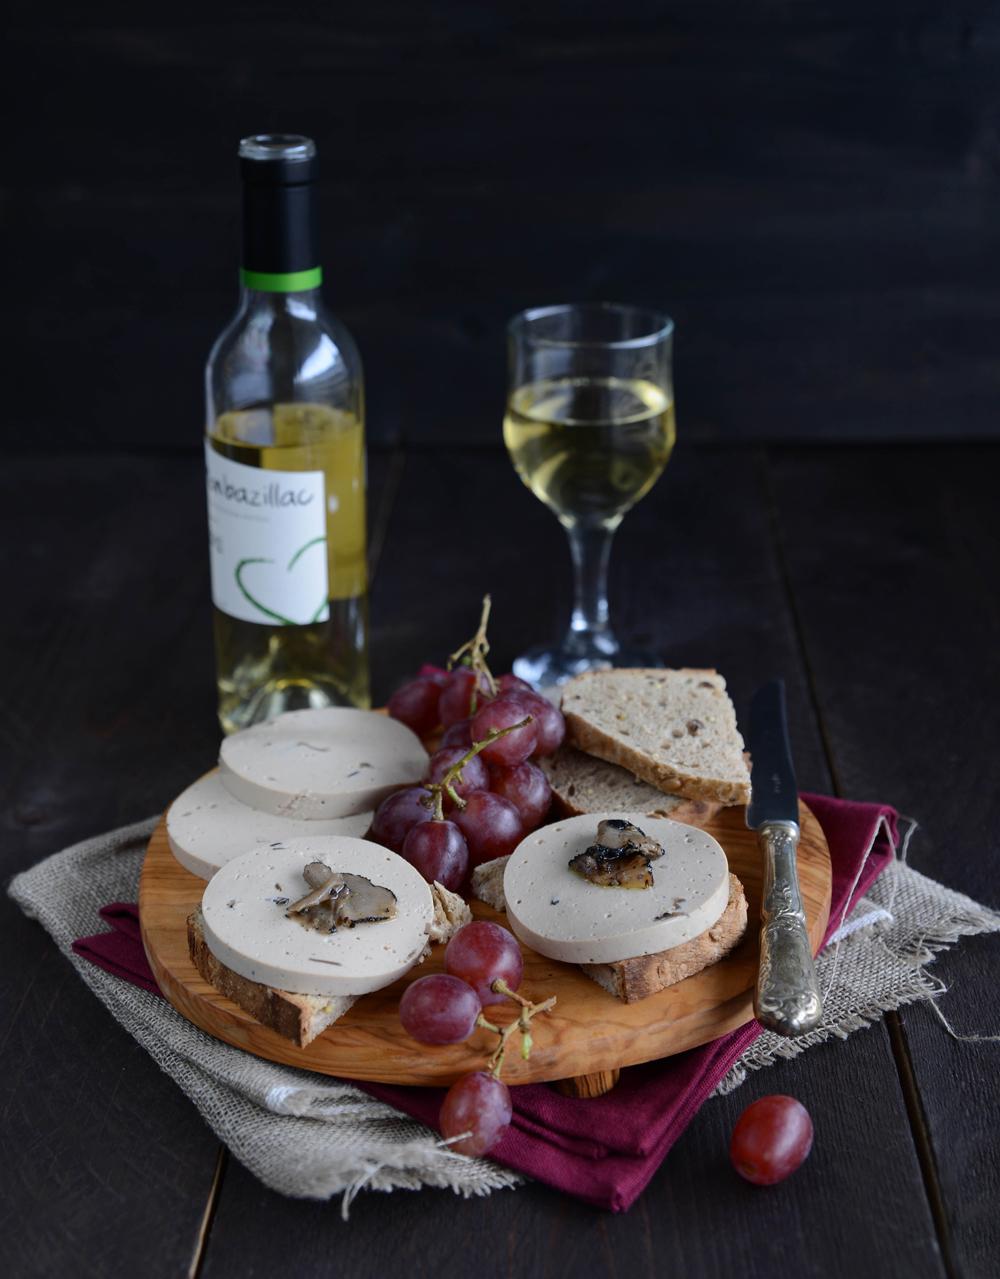 Peut-on être végane et aimer la viande et le fromage - antigone12.com